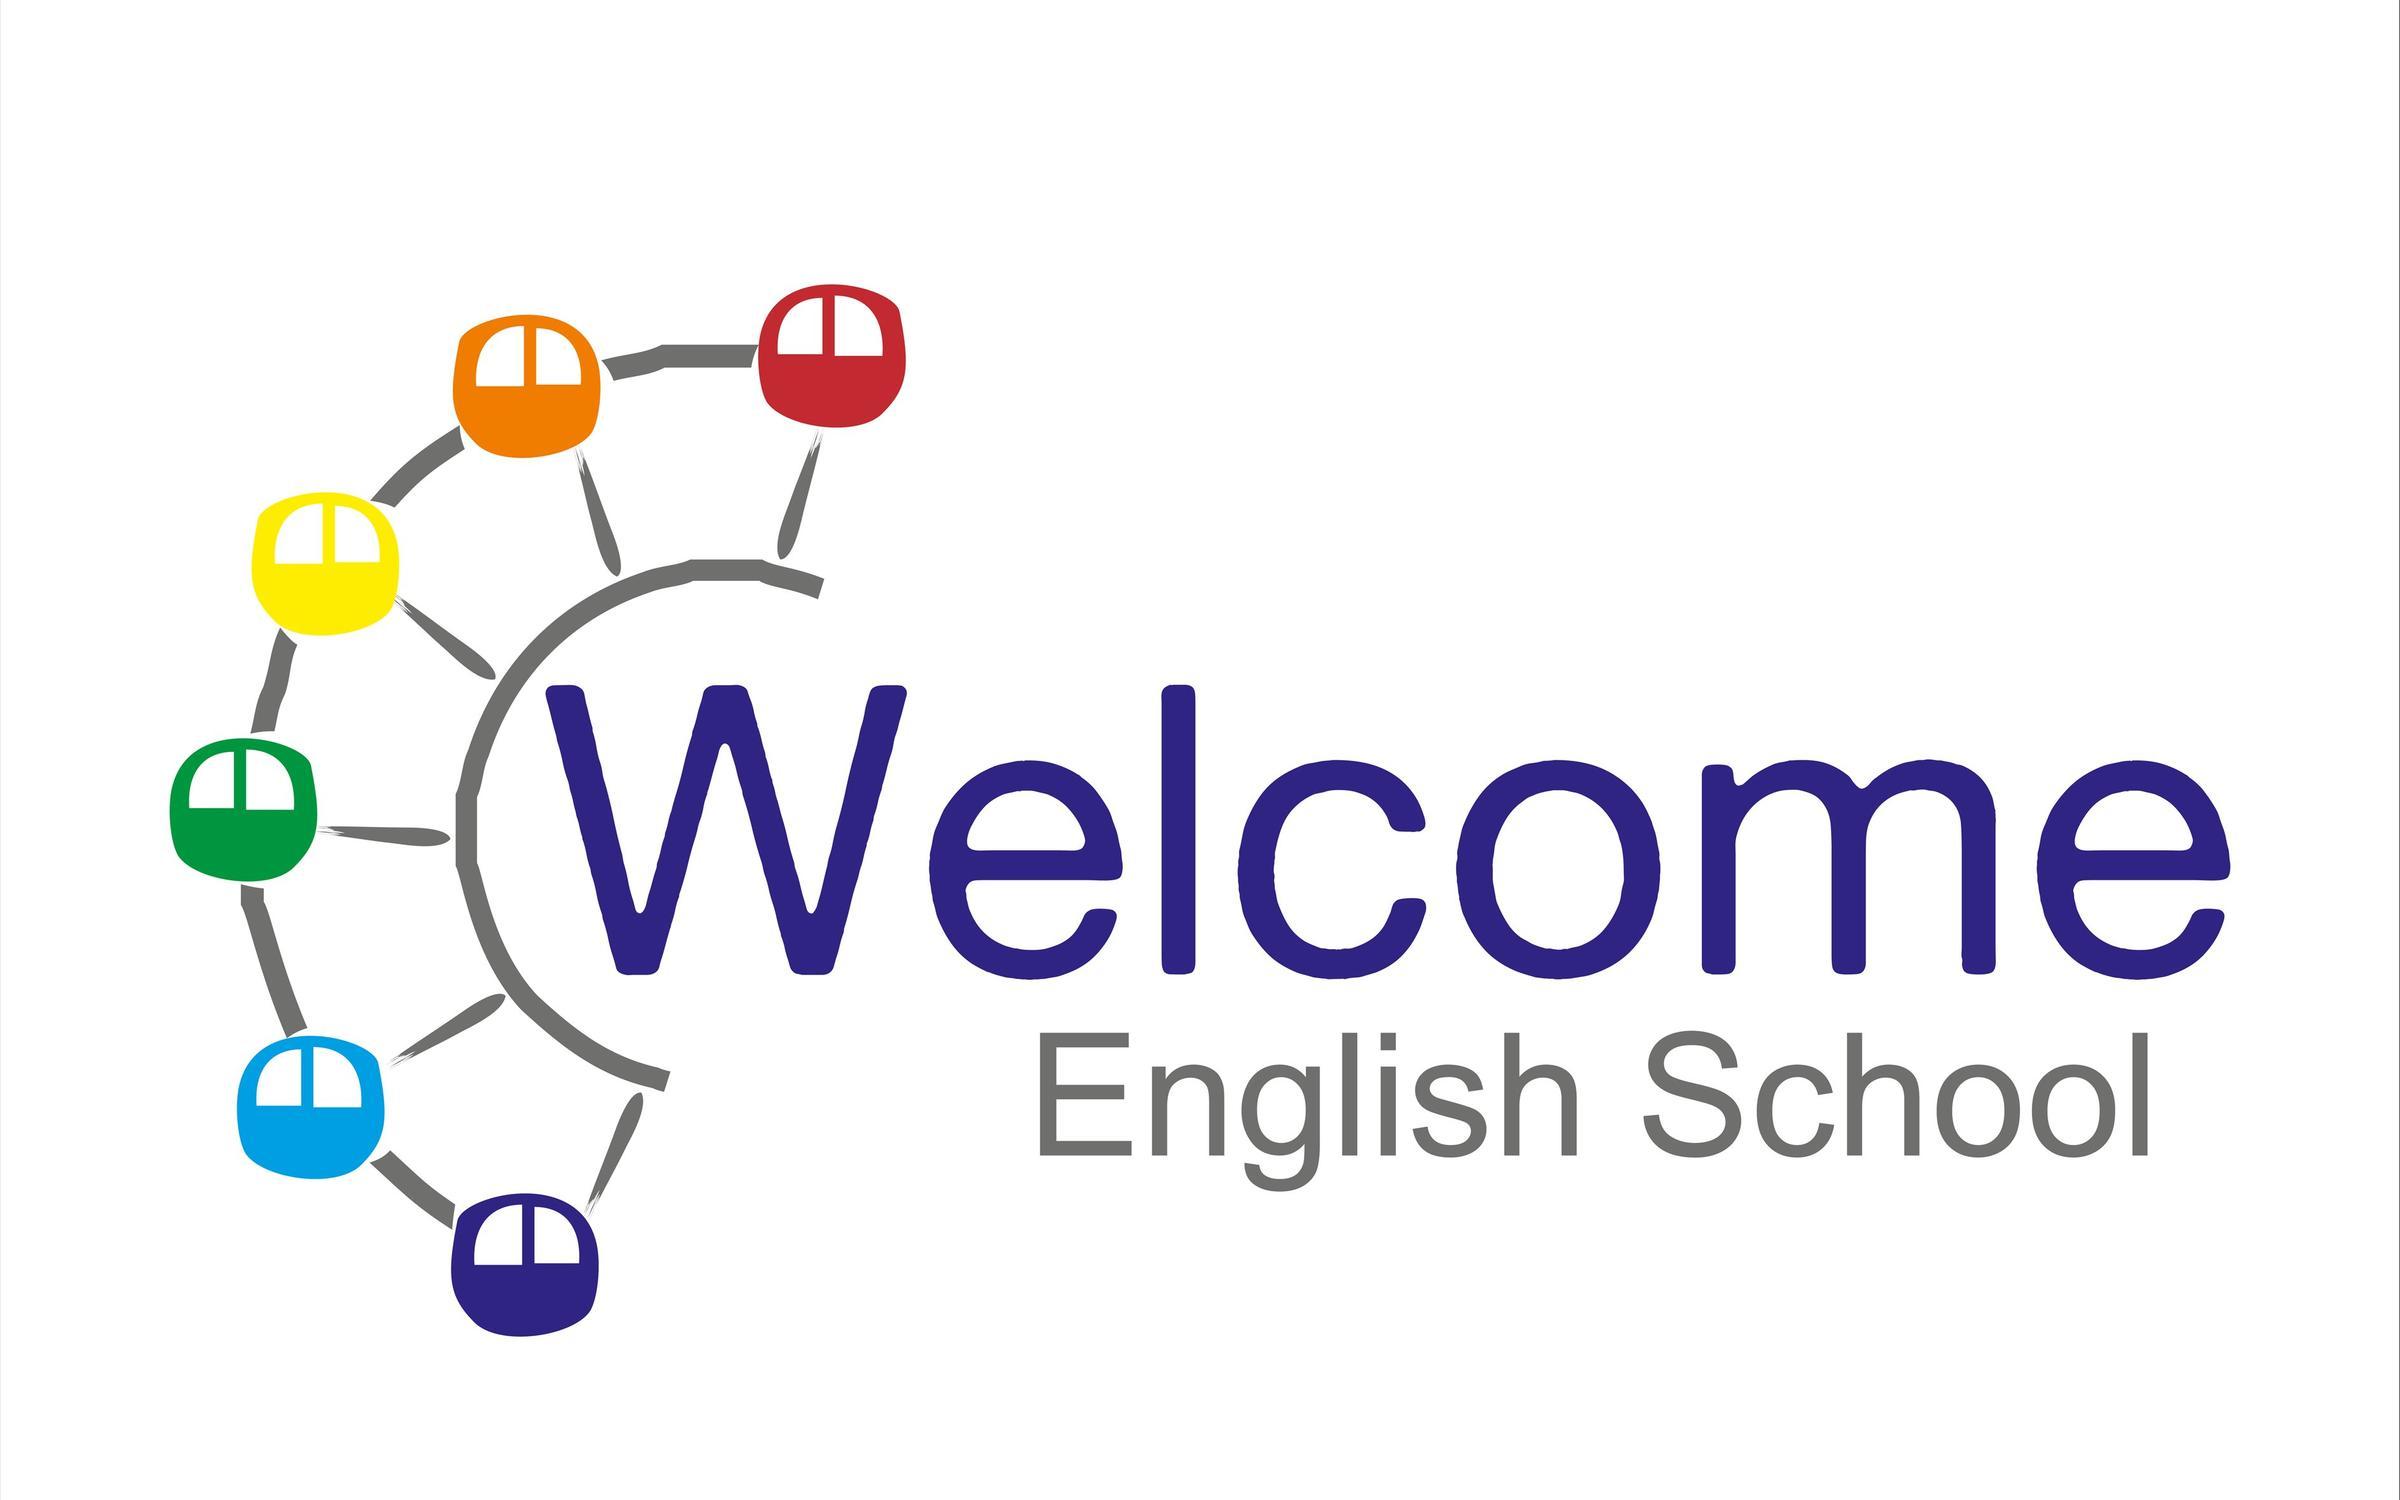 фотография Образовательного центра Welcome English School в Деснянском районе